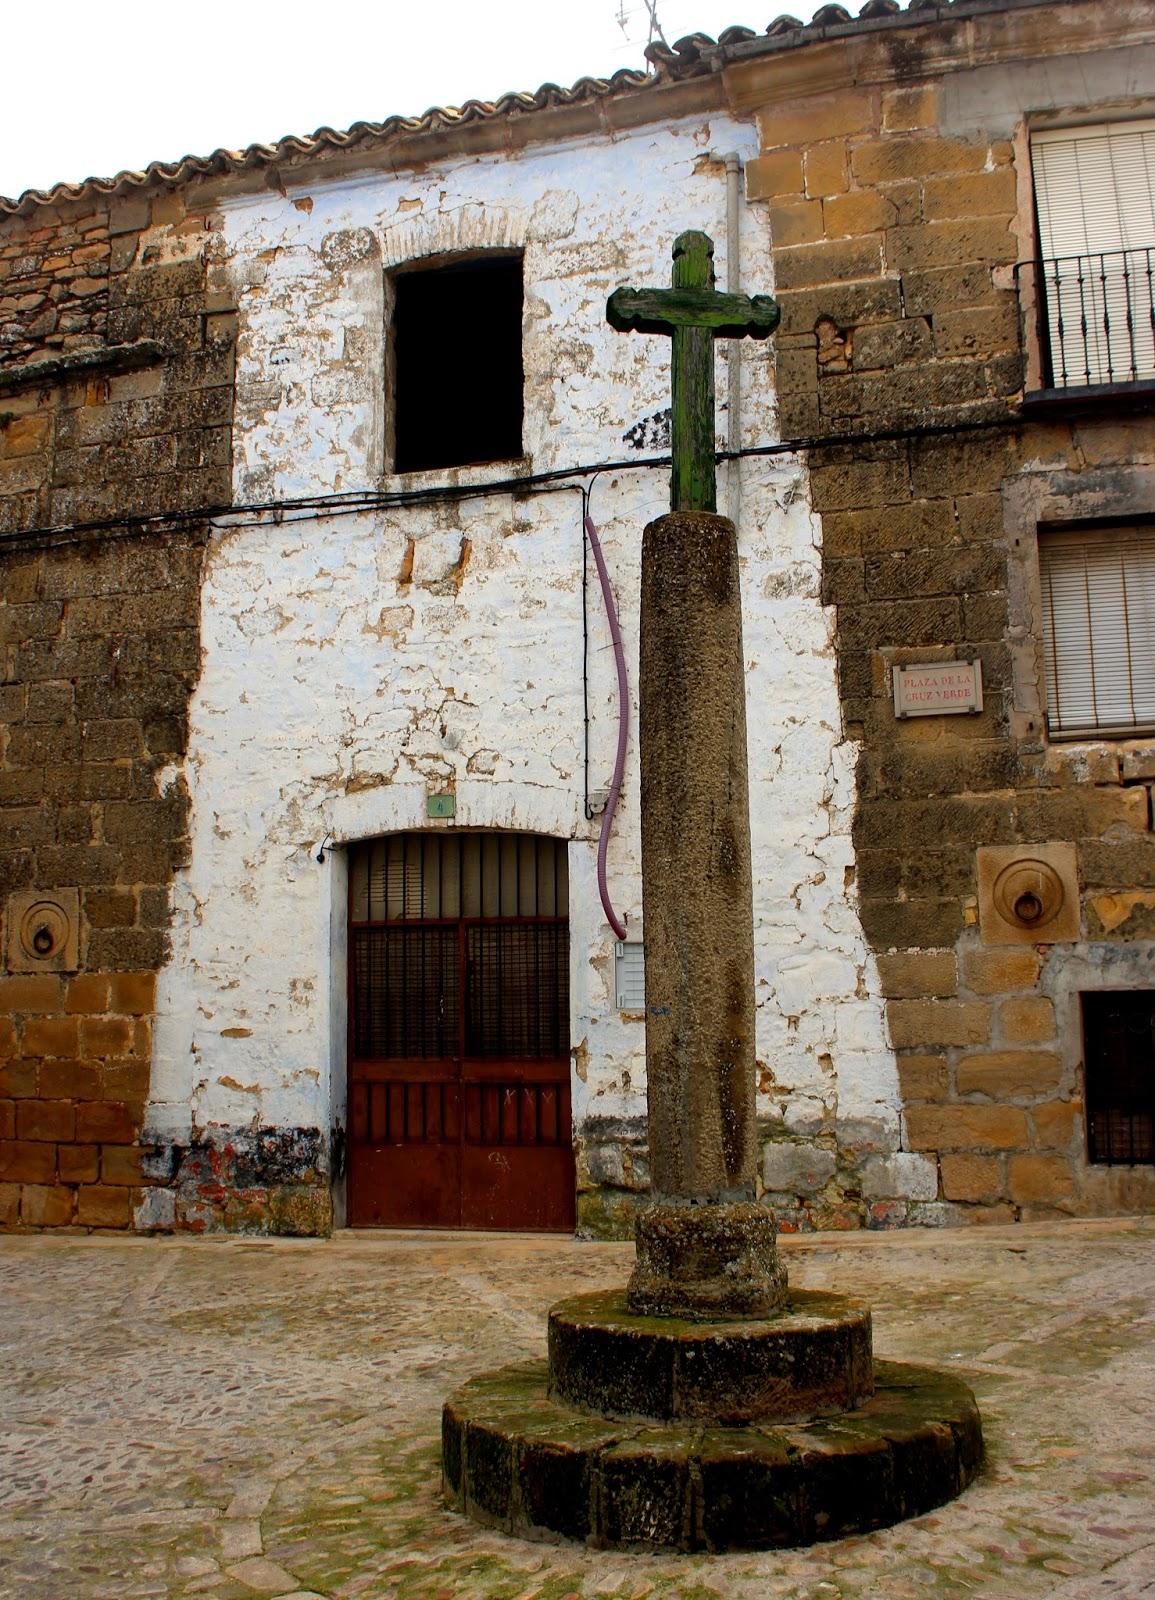 Plaza de la Cruz Verde de Baeza-Jaén